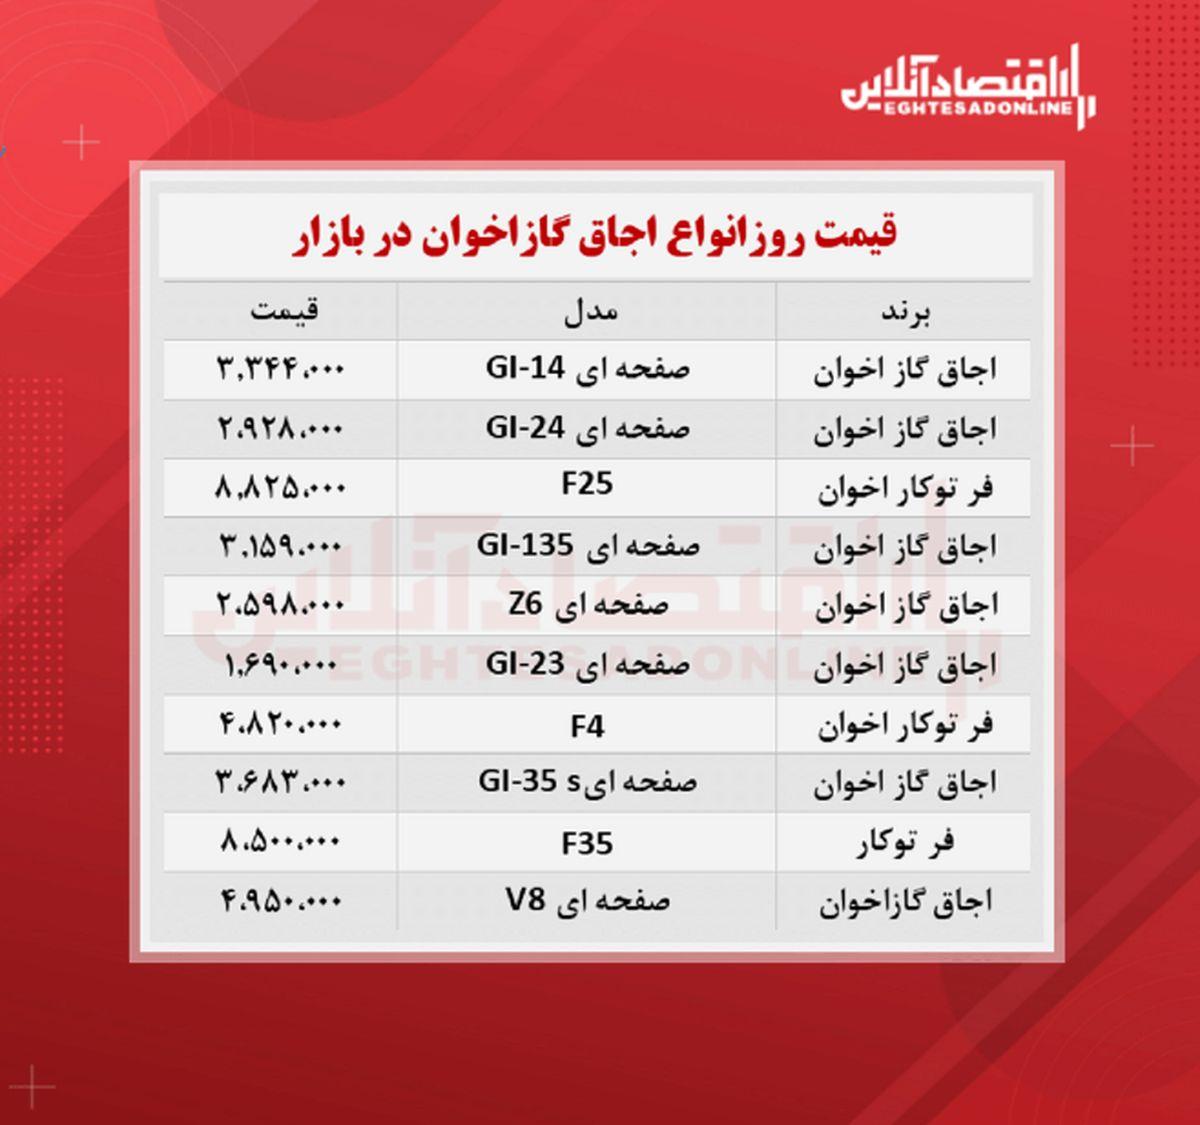 قیمت انواع اجاق گاز اخوان چند؟